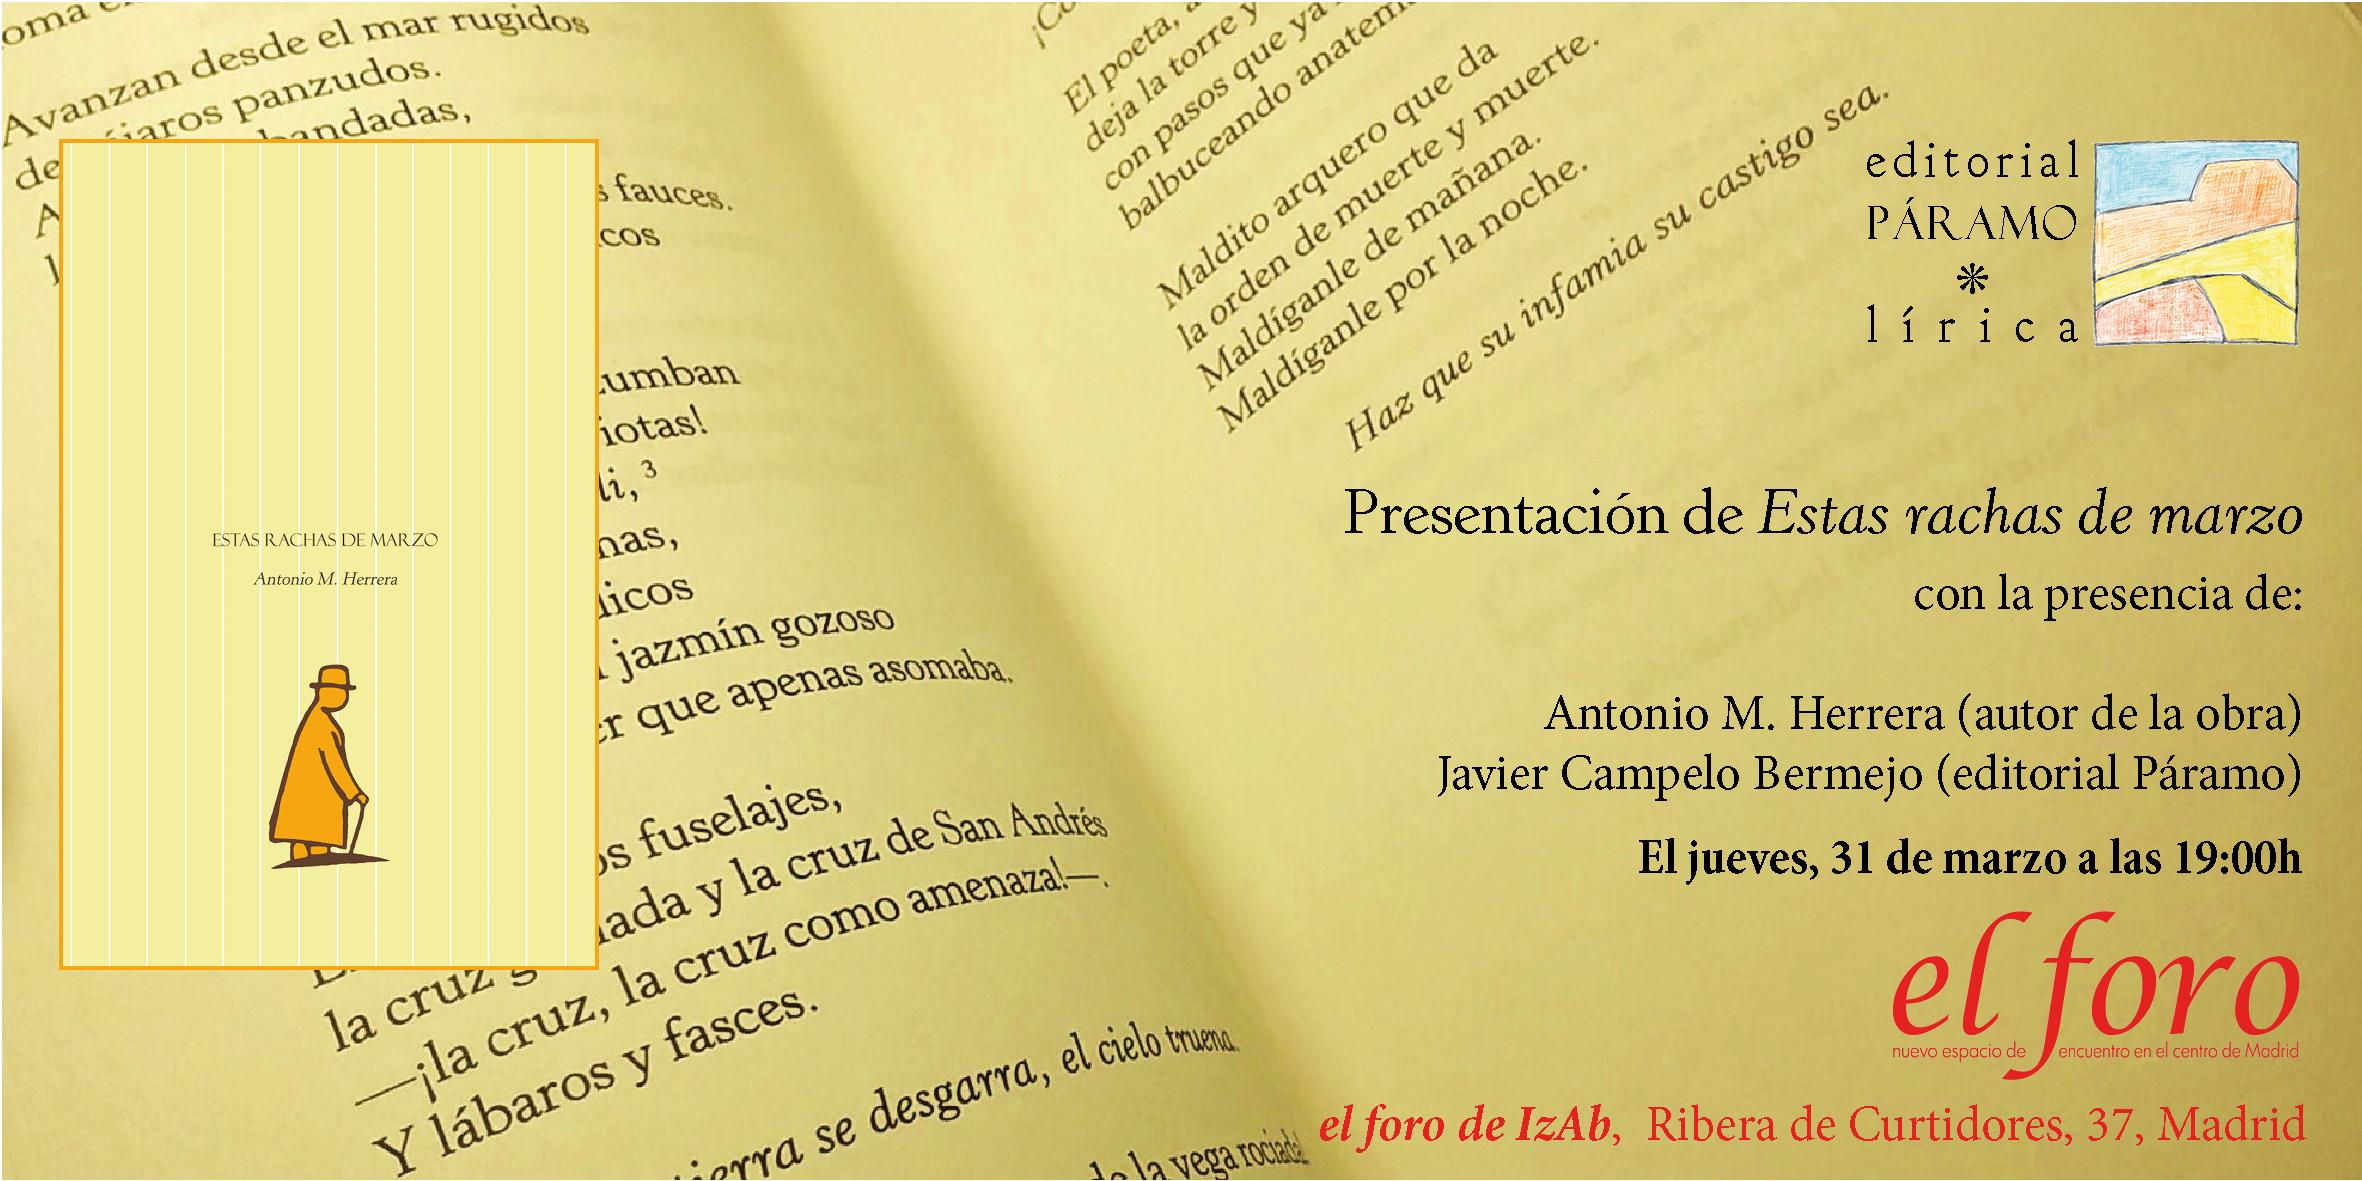 Invitación_Estas_rachas_de_marzo_en_el_foro